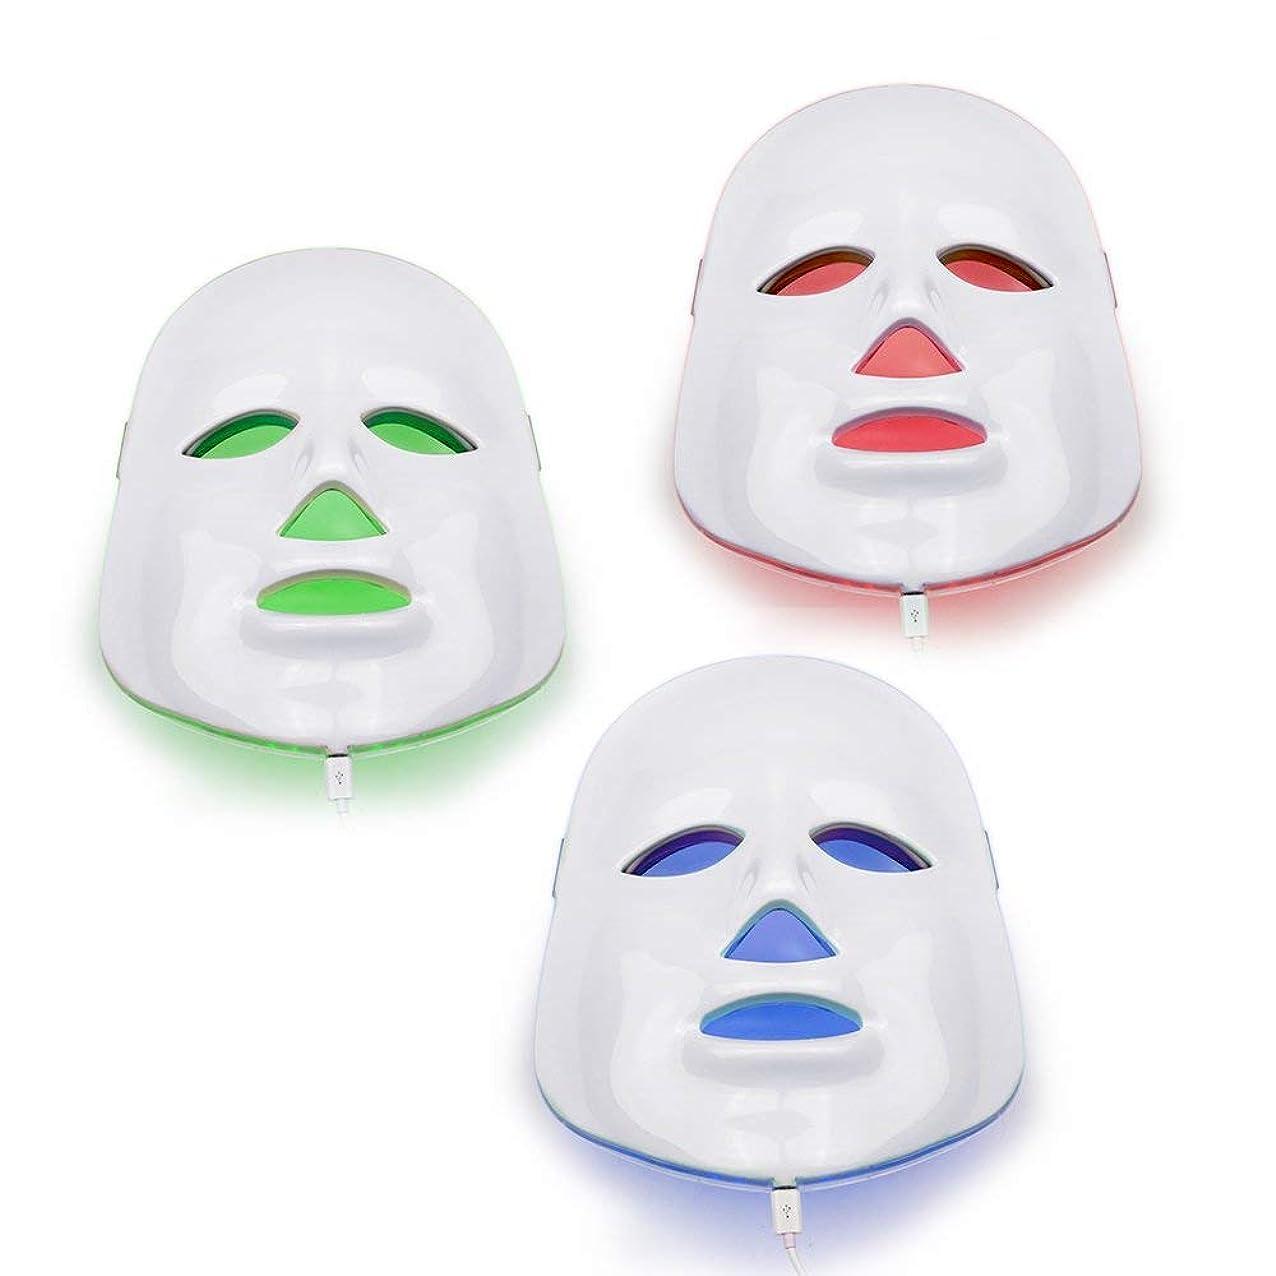 導体ペッカディロ二週間NORLANYA BEAUTY EQUIPMENT マスク顔光線療法フェイシャルスキンケアマスカラは皮膚 調色しわ除去 用 光を主導主導しました